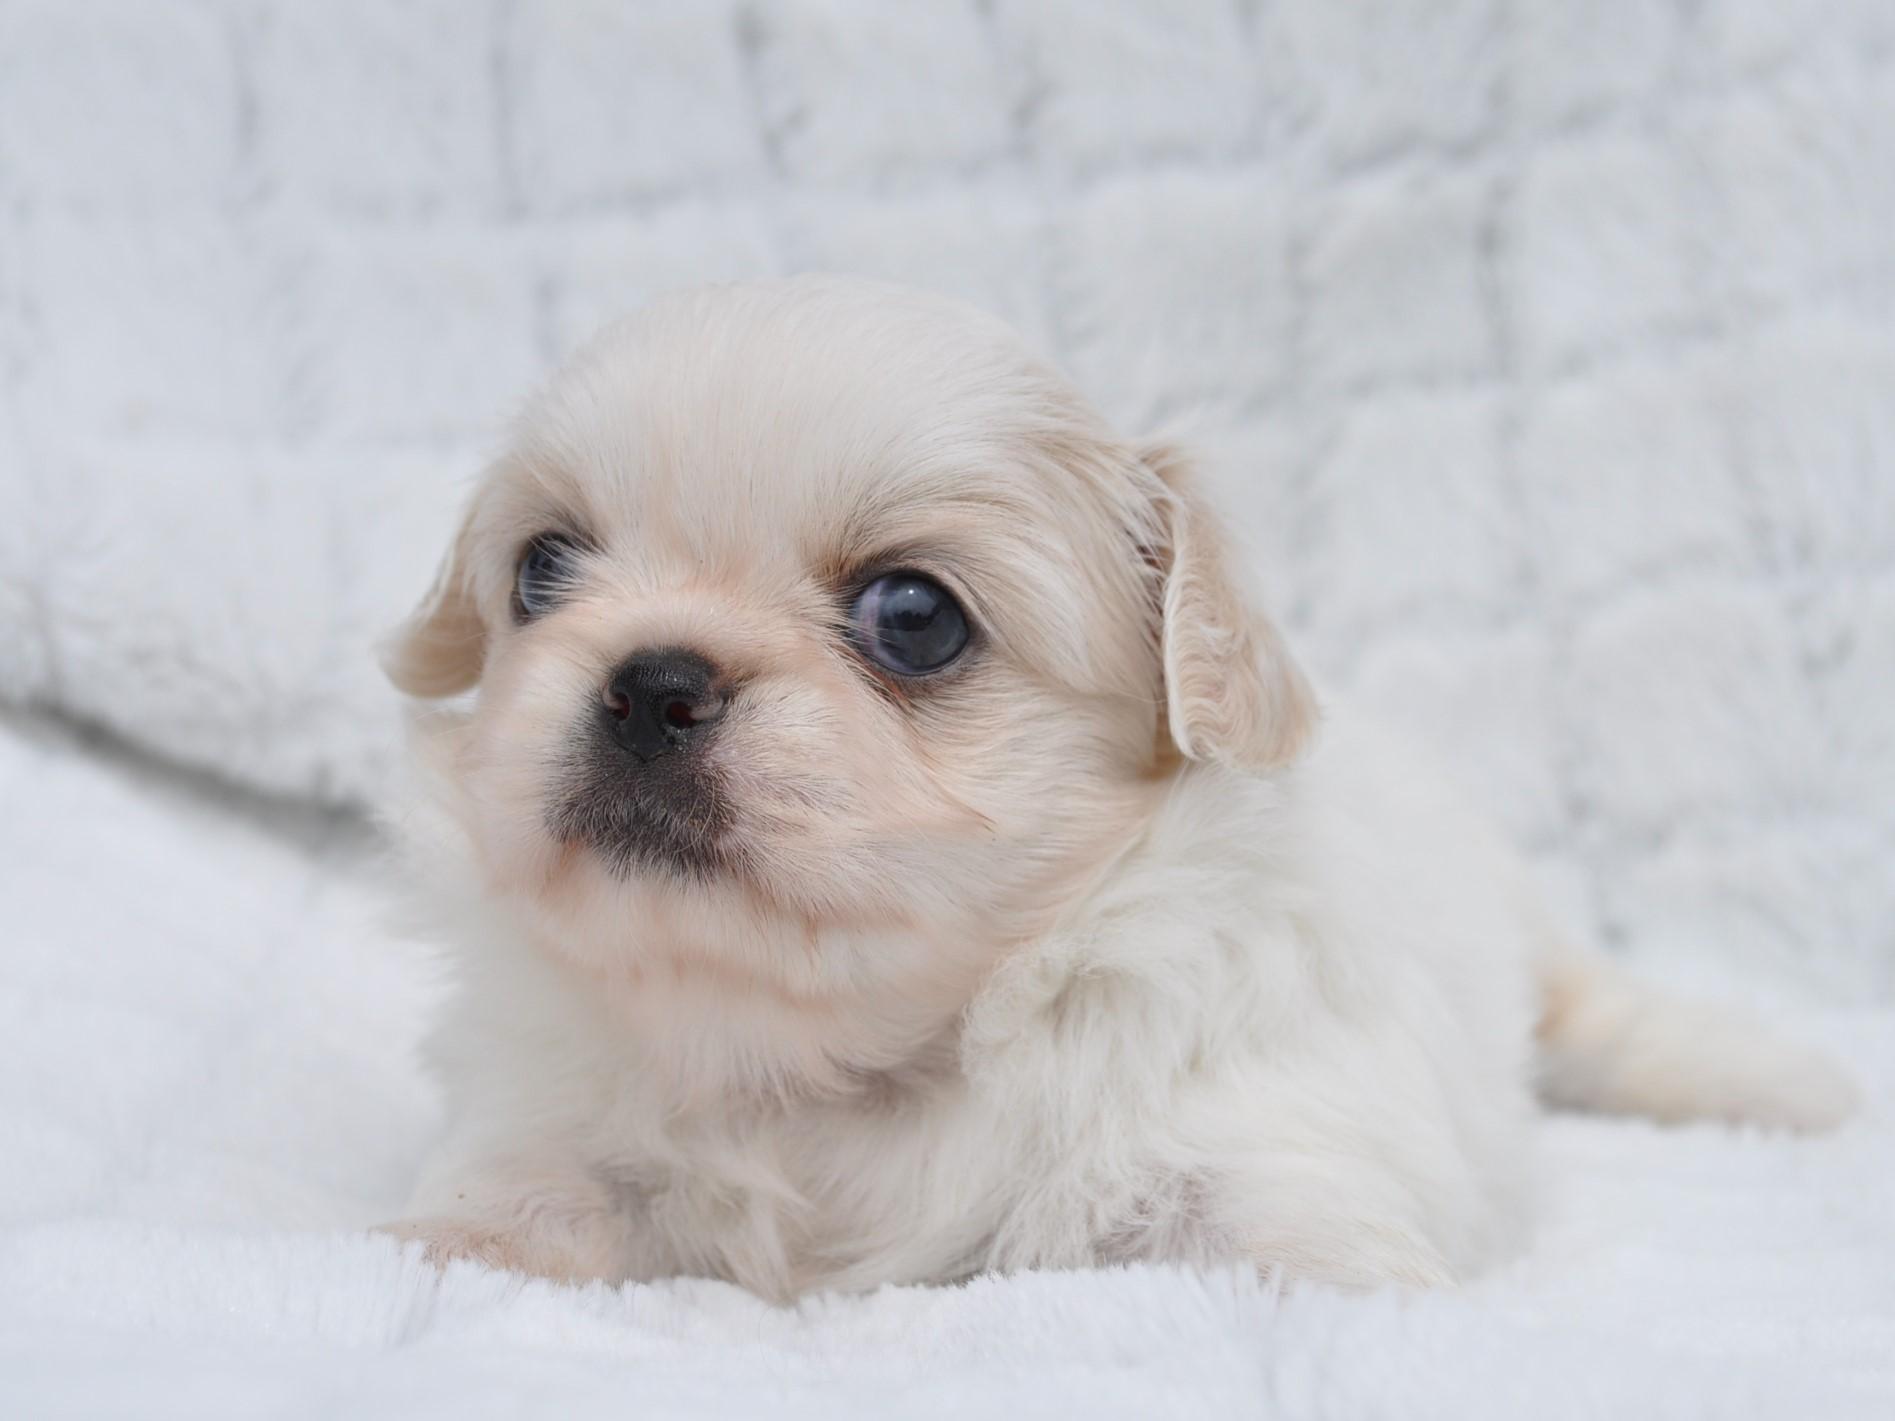 7月21日生まれ・愛知ブリーダー出身のペキチワの女の子です。 シーズーに似た鼻ぺちゃタイプのペキニーズと、小柄で可愛いチワワ の血統をもったミックス犬になります。